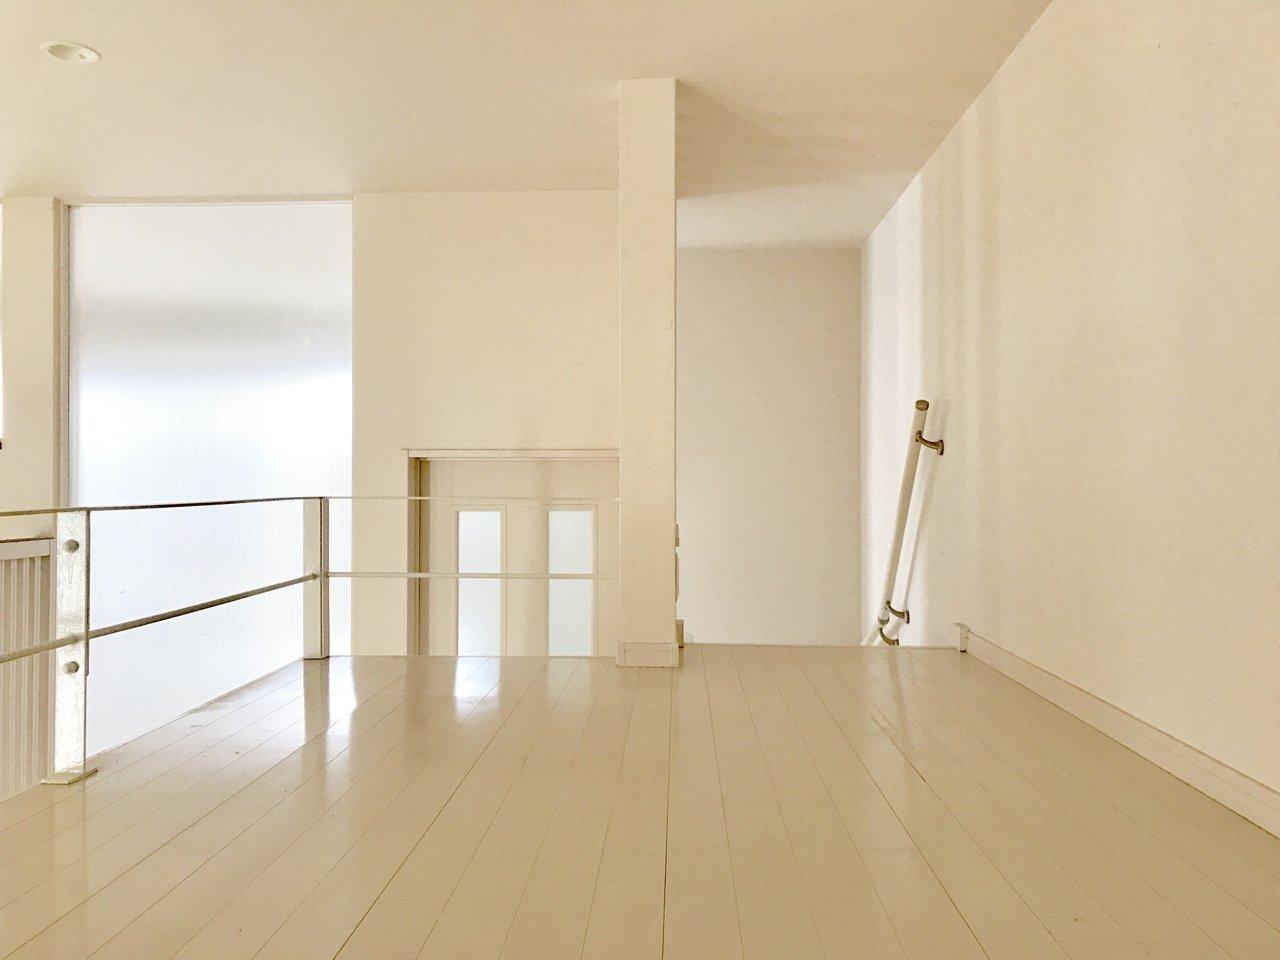 階段を上ると、広いベッドルーム。寝る場所、食べる場所をしっかり分けられる間取りは一人暮らしにもおすすめです。